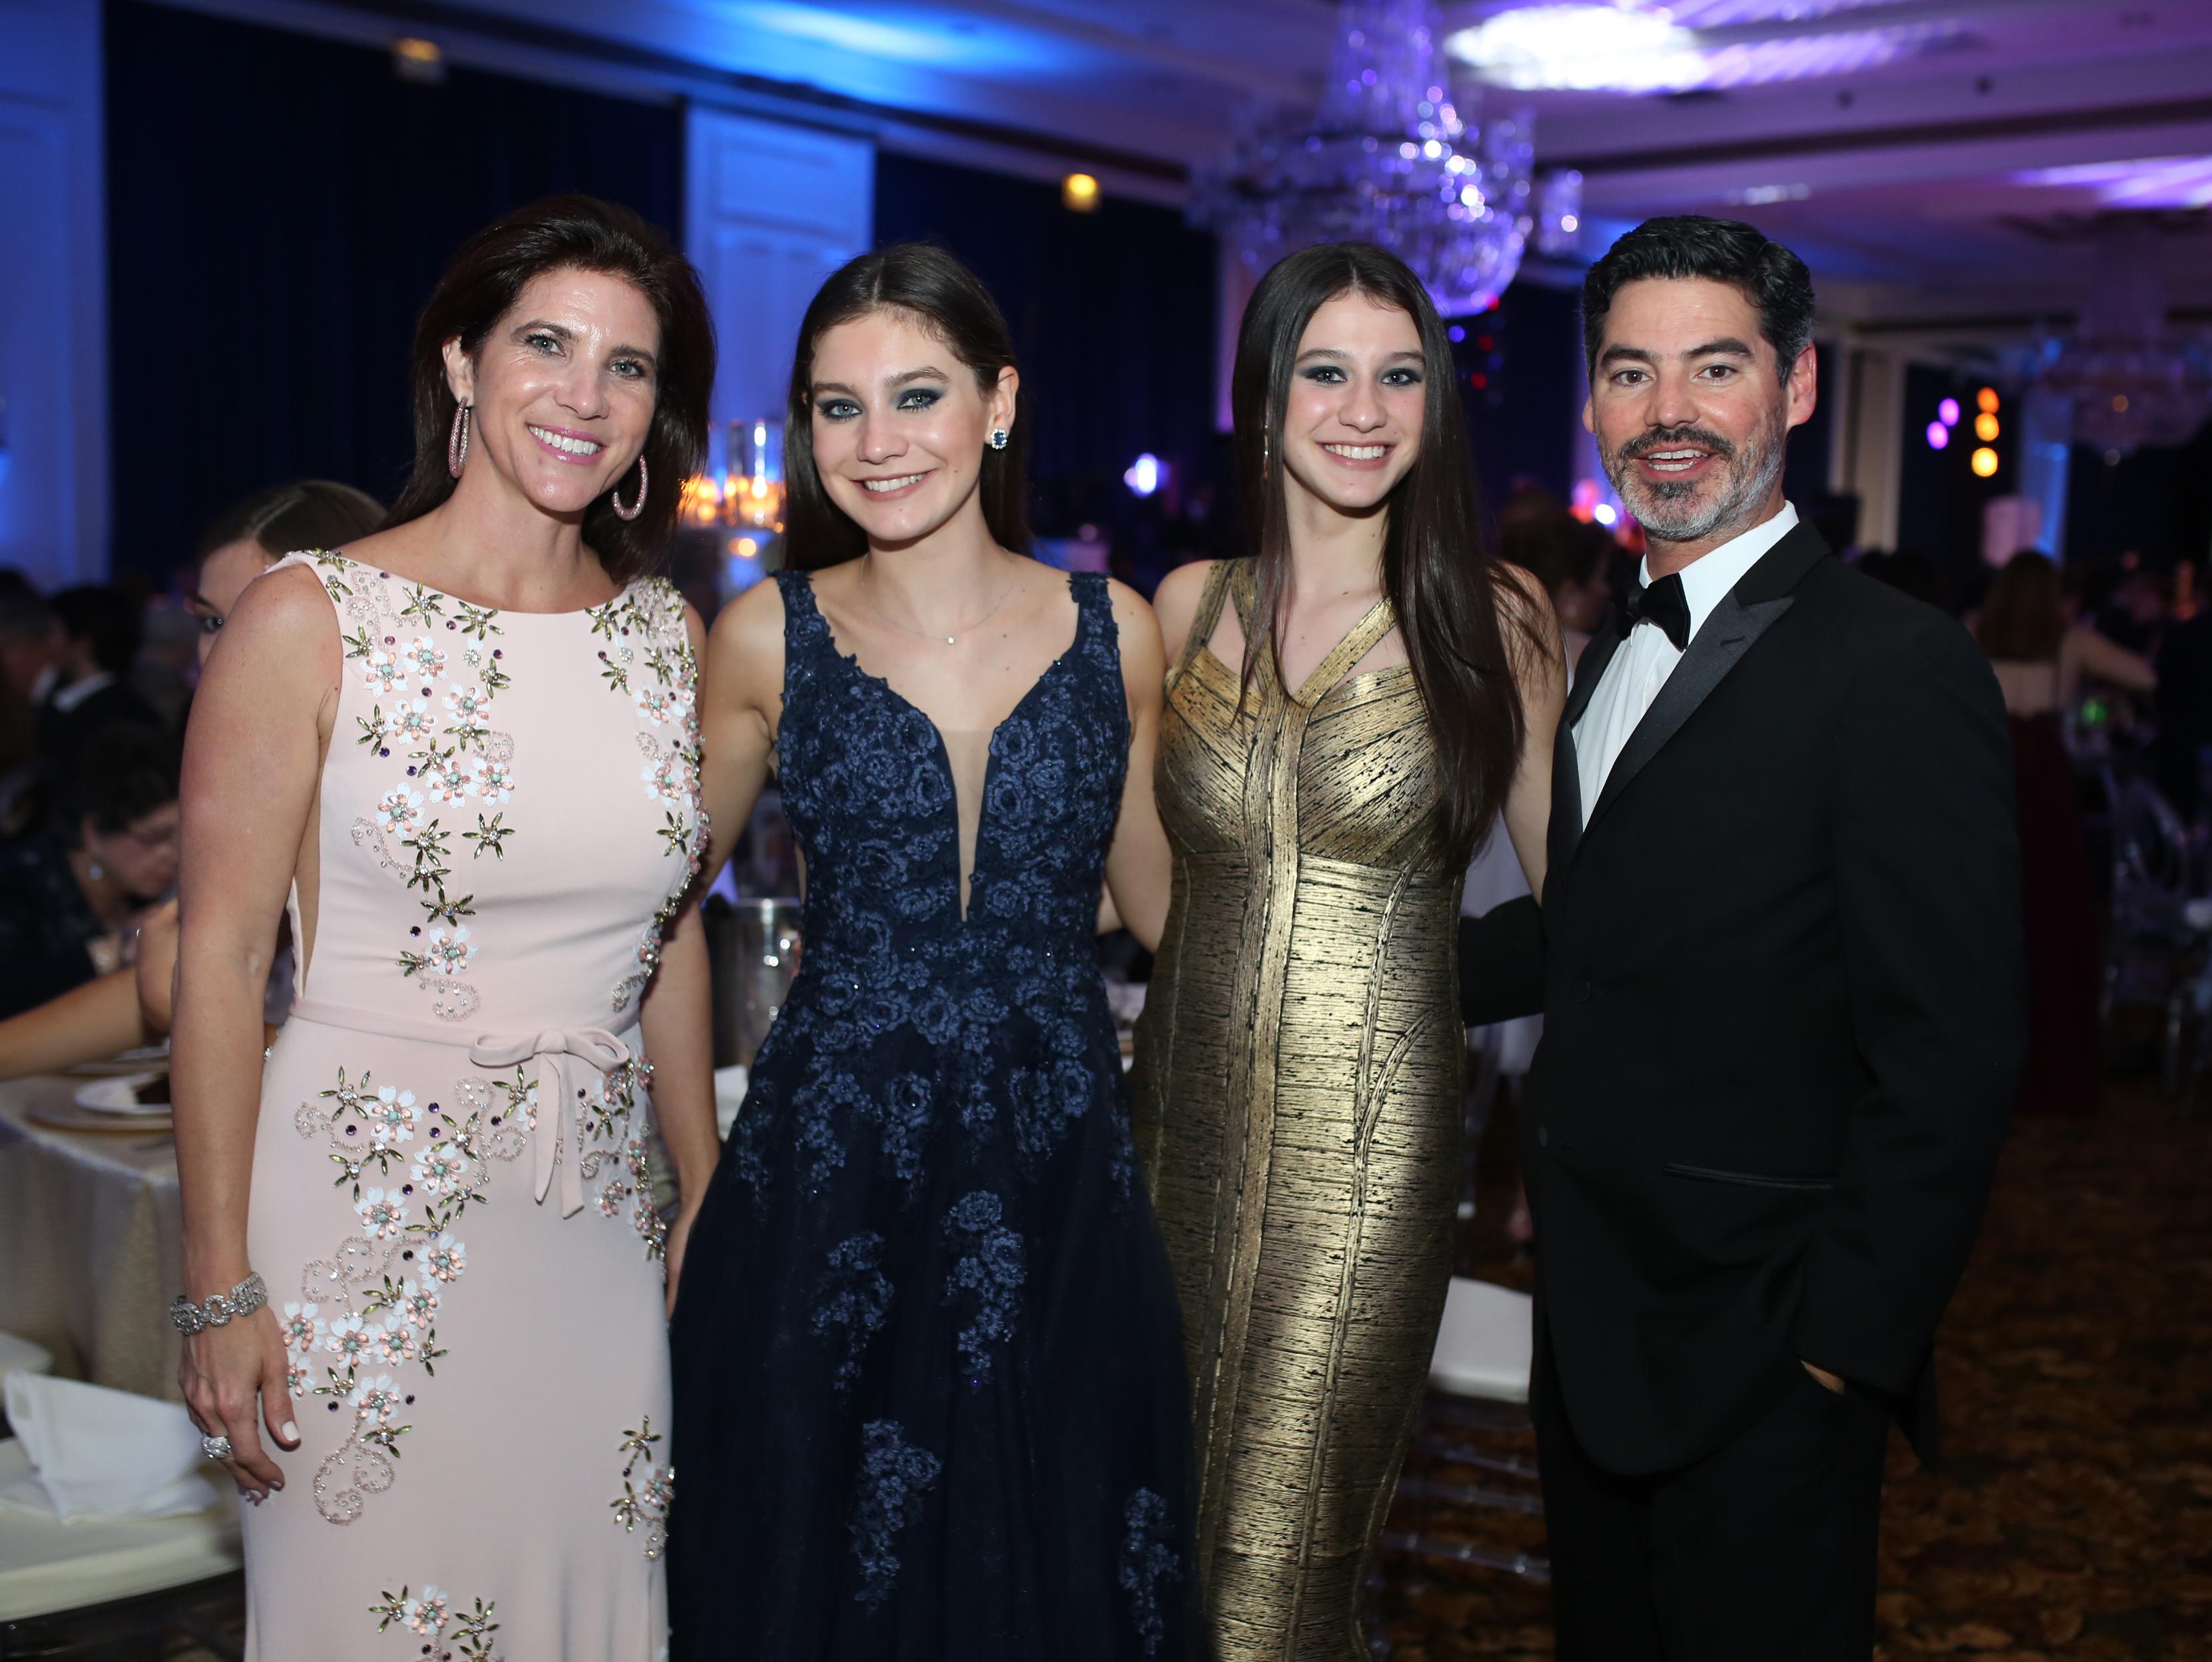 Michelle Fuentes, Adriana, Cecilia y Angel Alonso. Foto José R. Pérez Centeno.